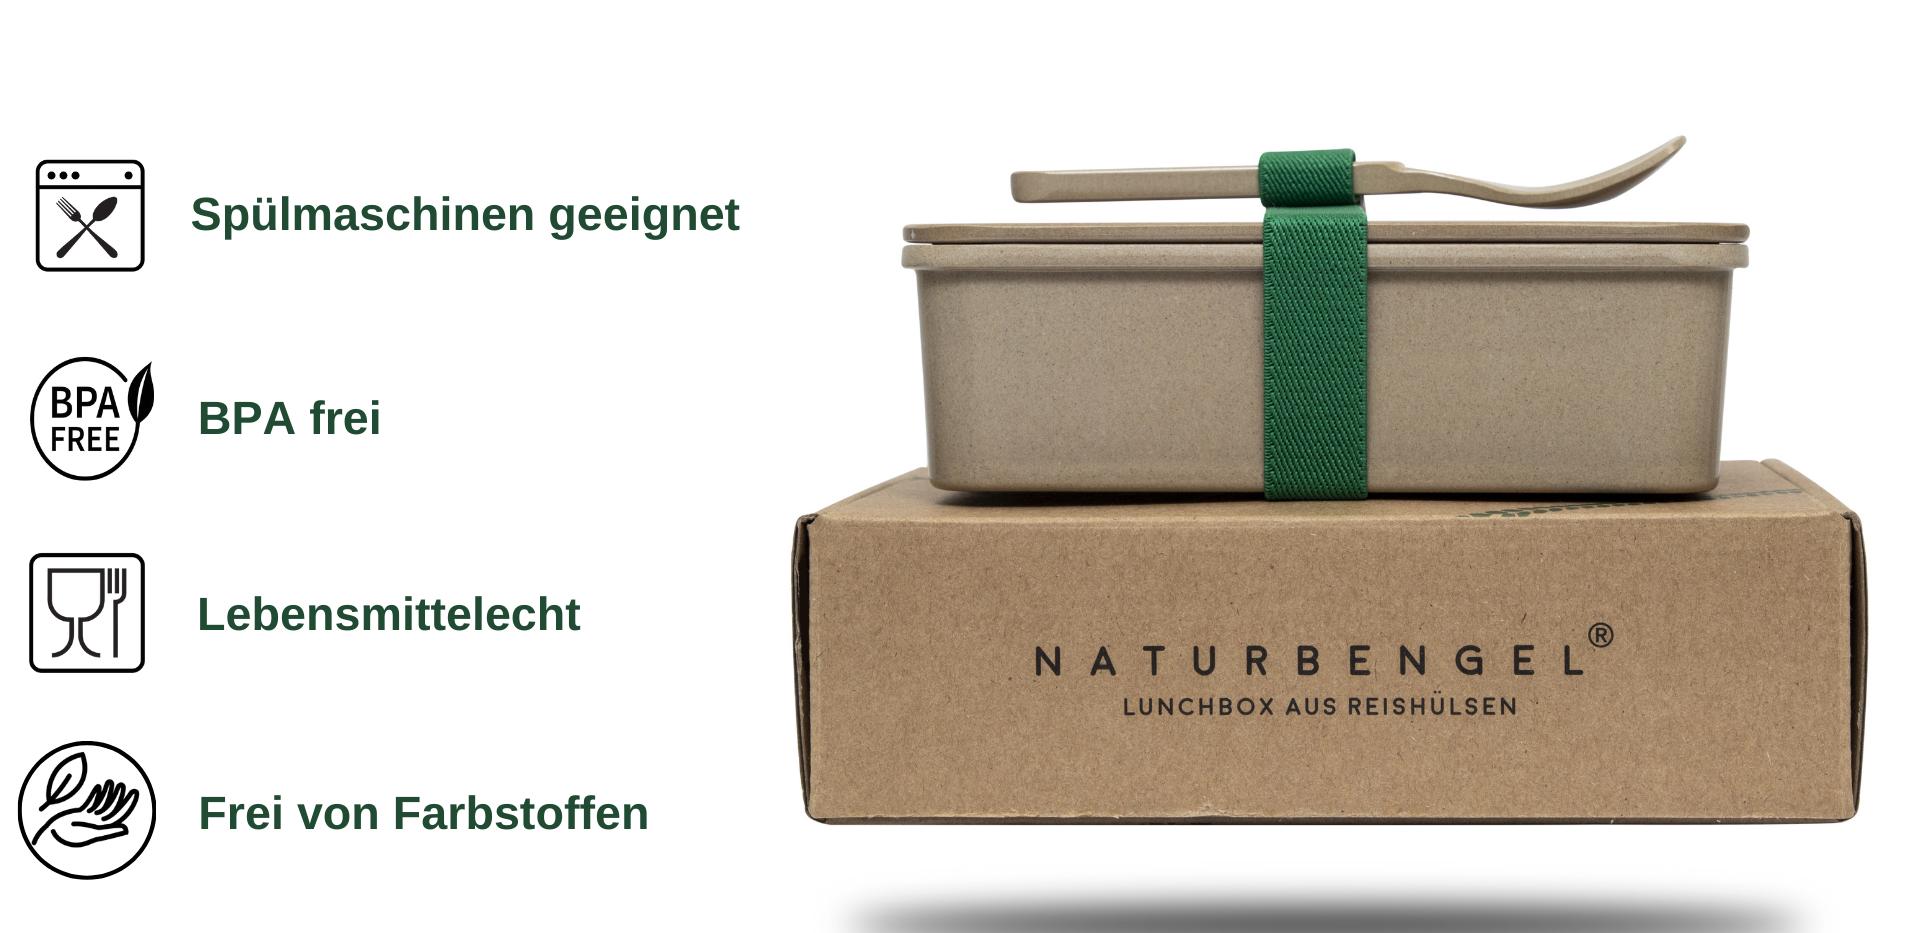 Die Lunchbox kann in der Spülmaschine gereinigt werden, ist BPA und Farbstofffrei